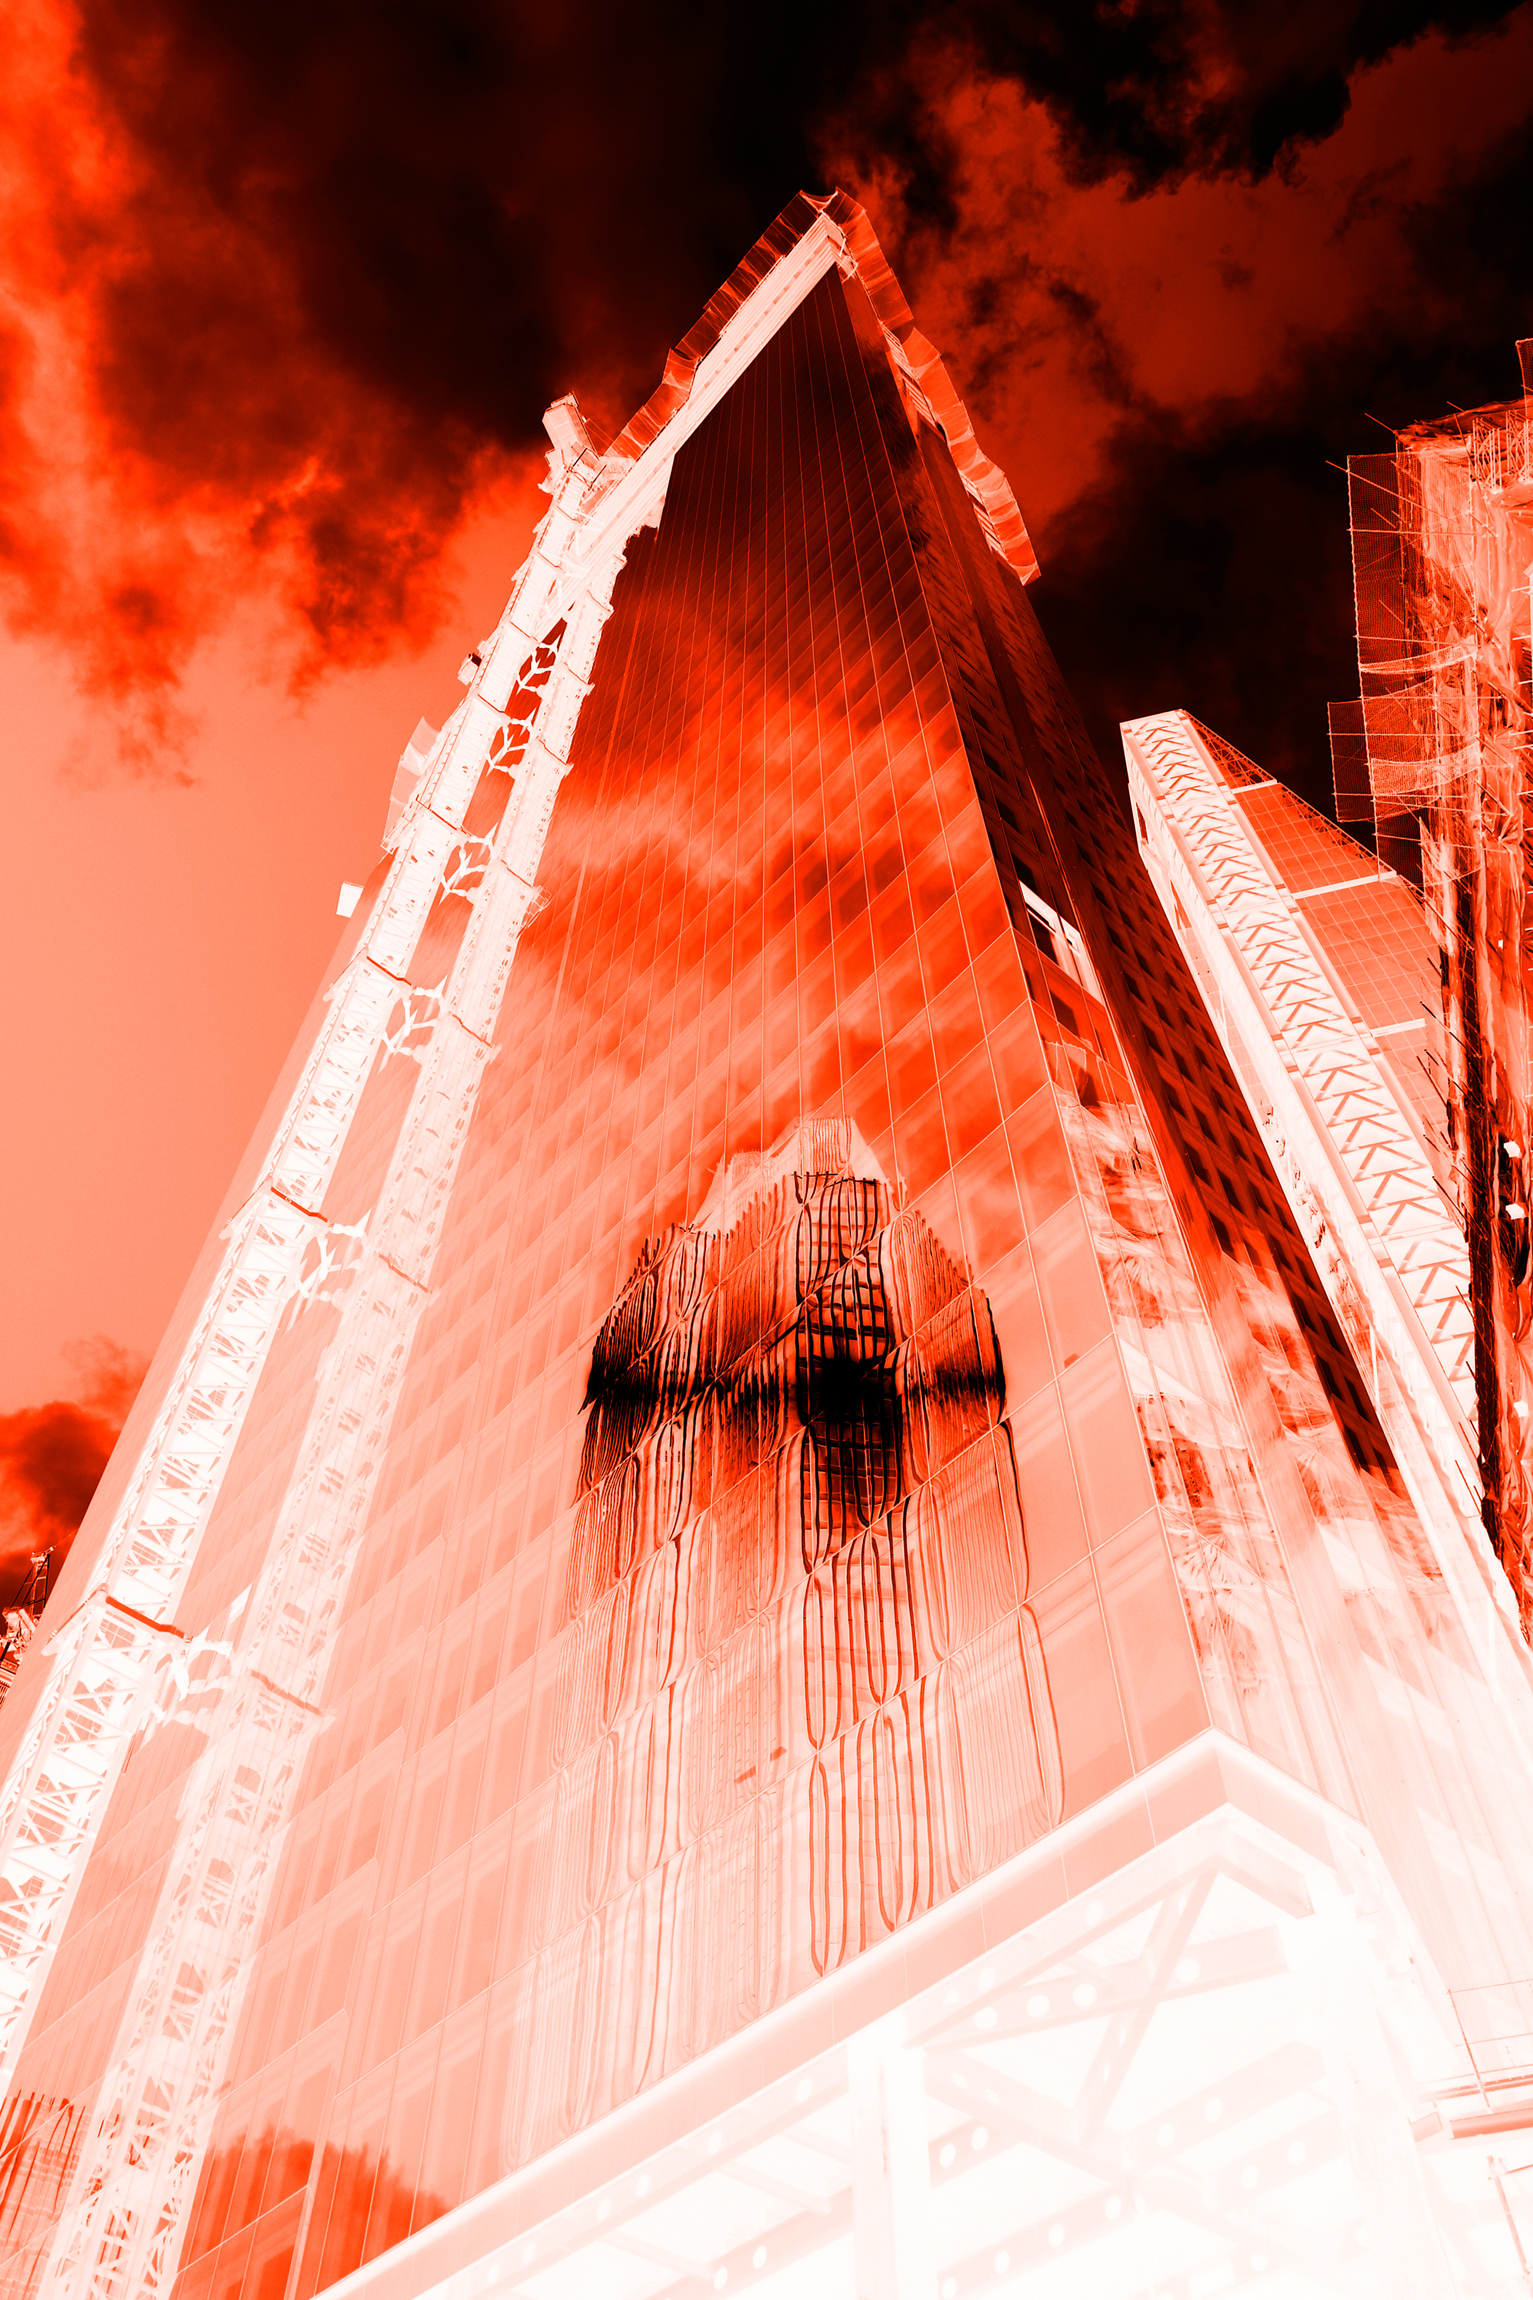 Tinted City III